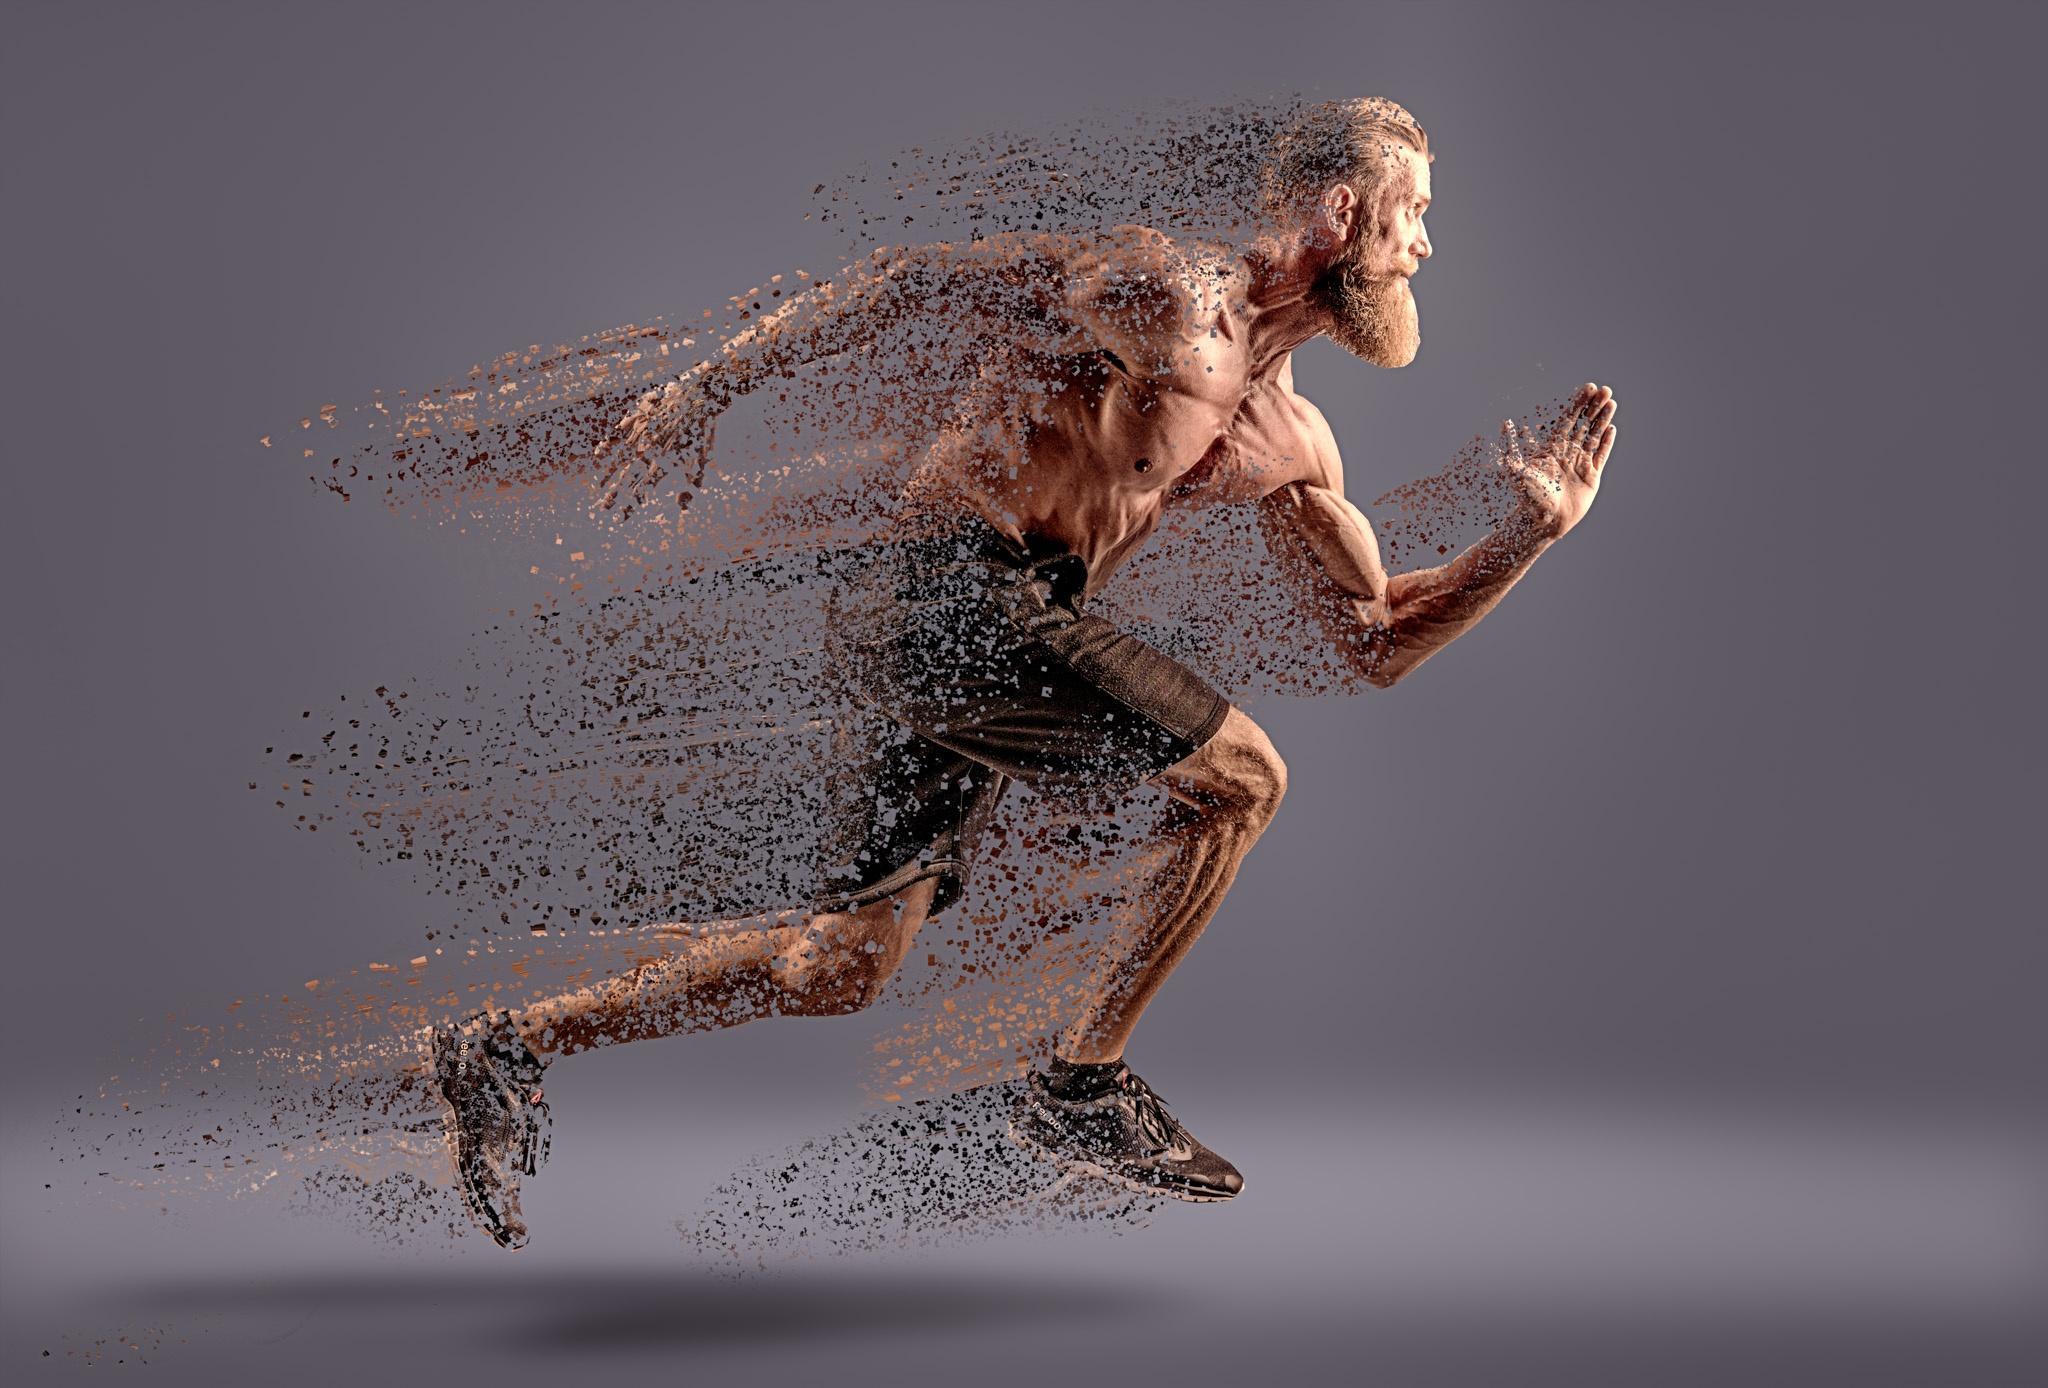 Sport Wallpaper Run: Running Man, HD Sports, 4k Wallpapers, Images, Backgrounds